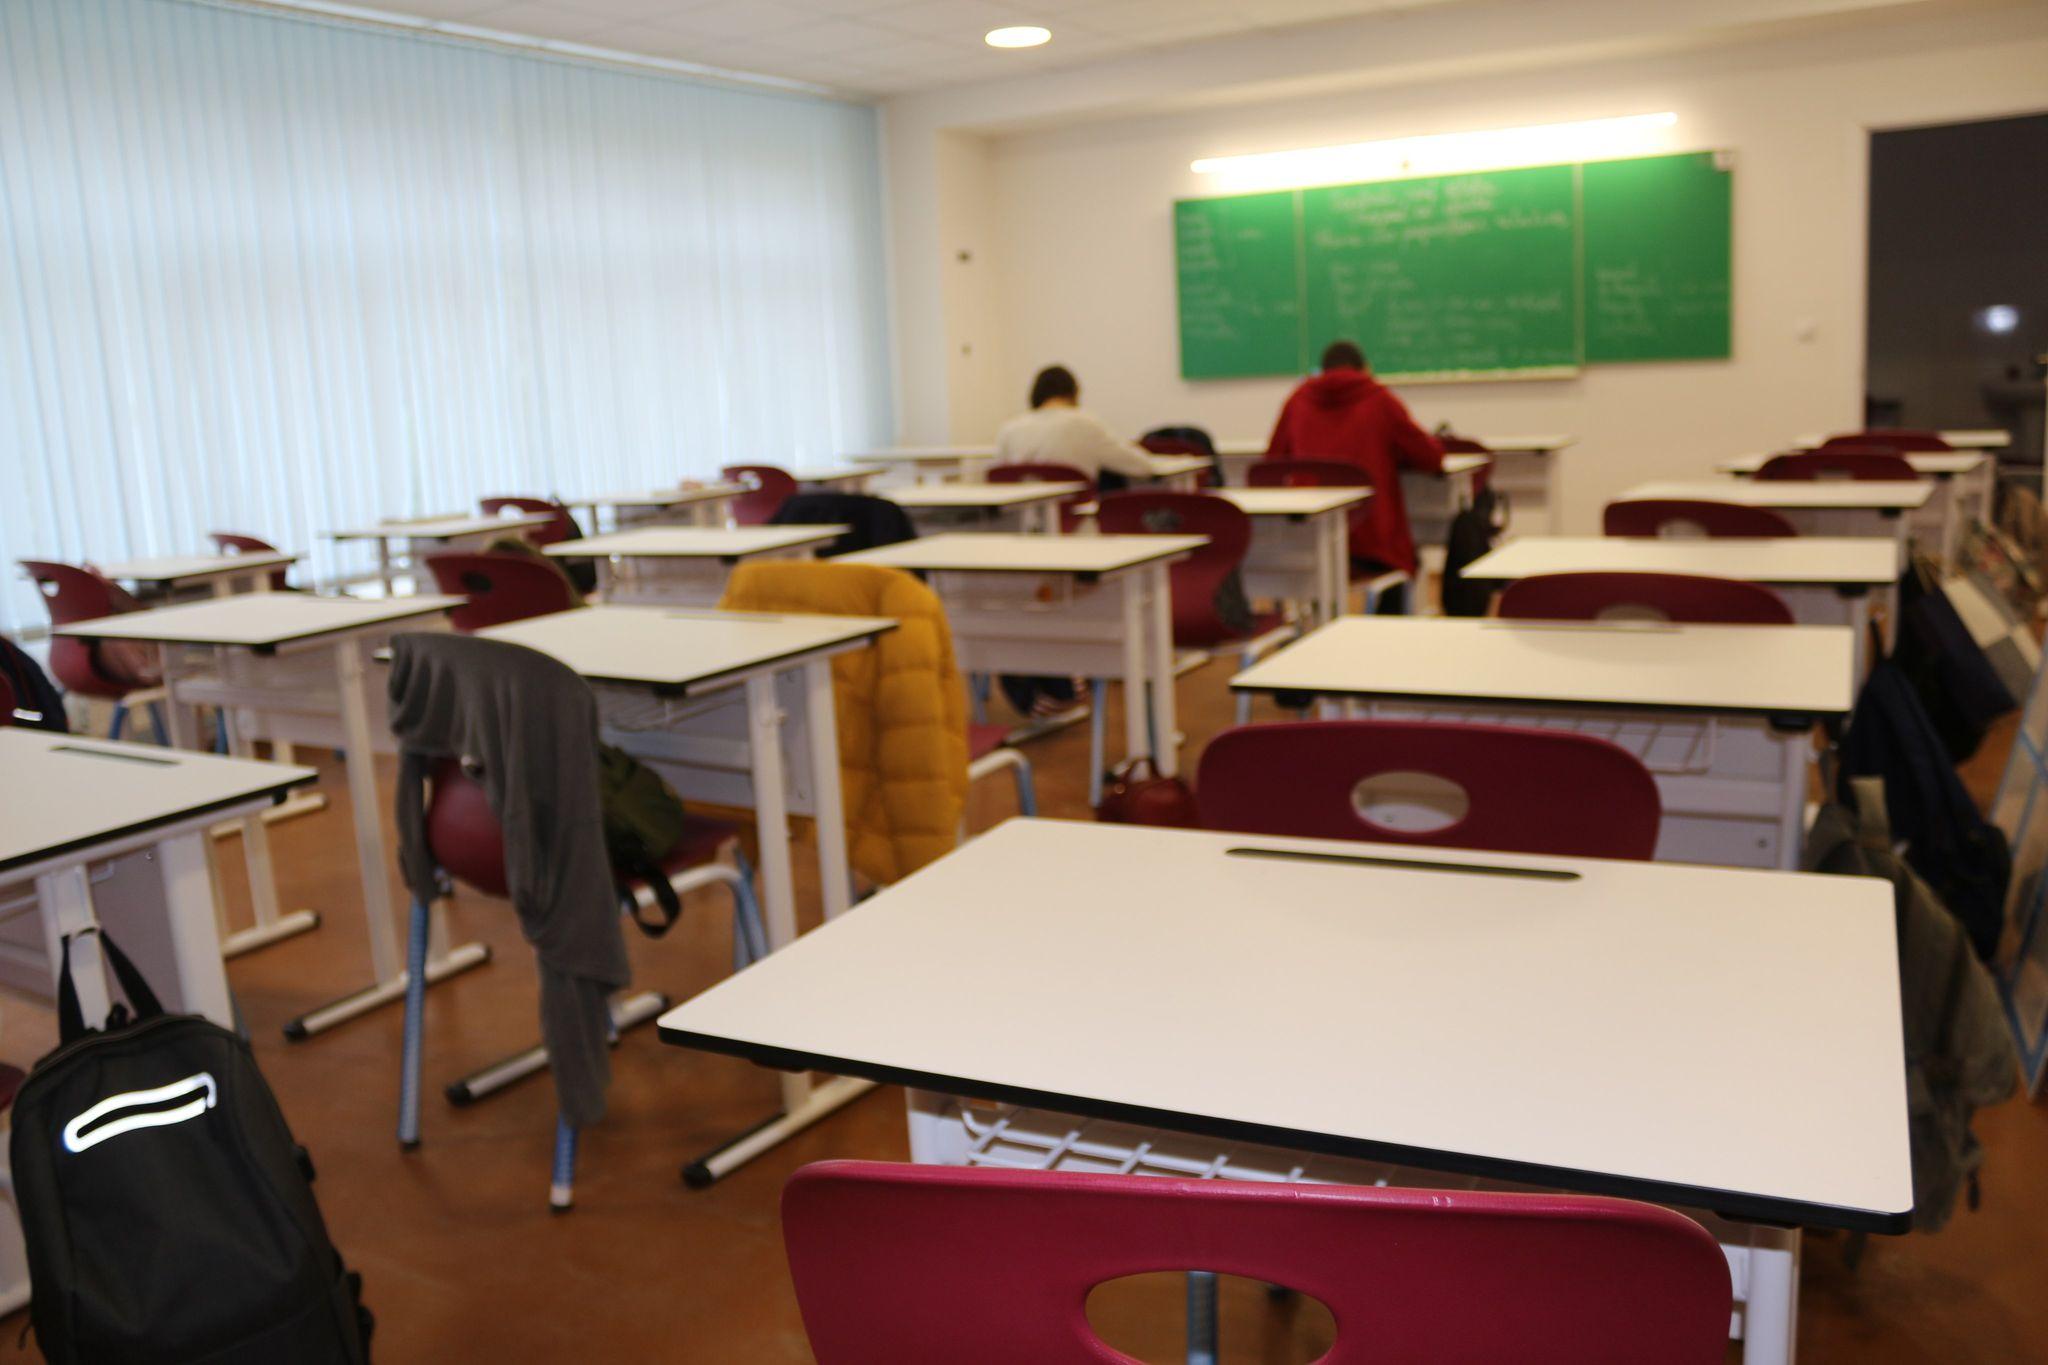 """(FOTO) Proiectul """"Reforma Învățământului în Moldova"""": Elevii și profesorii liceului din Cărpineni, în clase renovate și dotate după cele mai înalte standarde"""